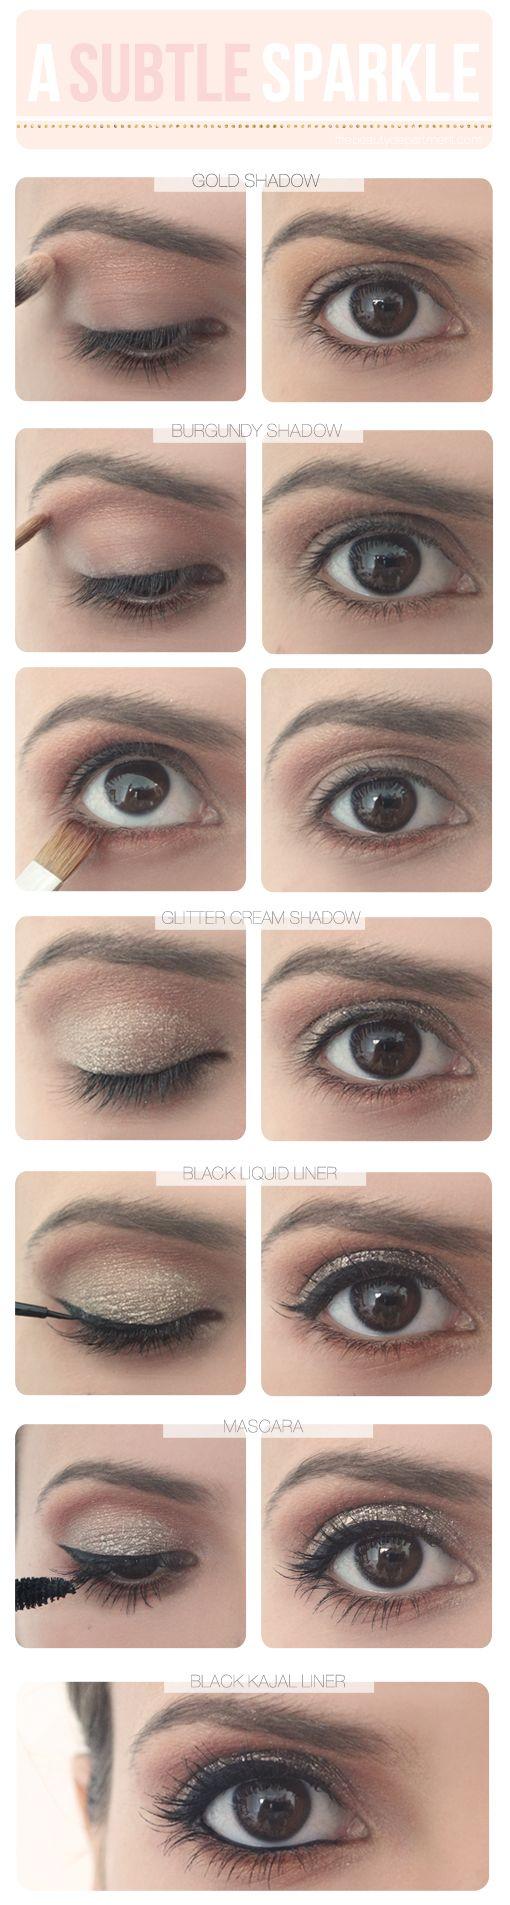 Glitter eye makeup.